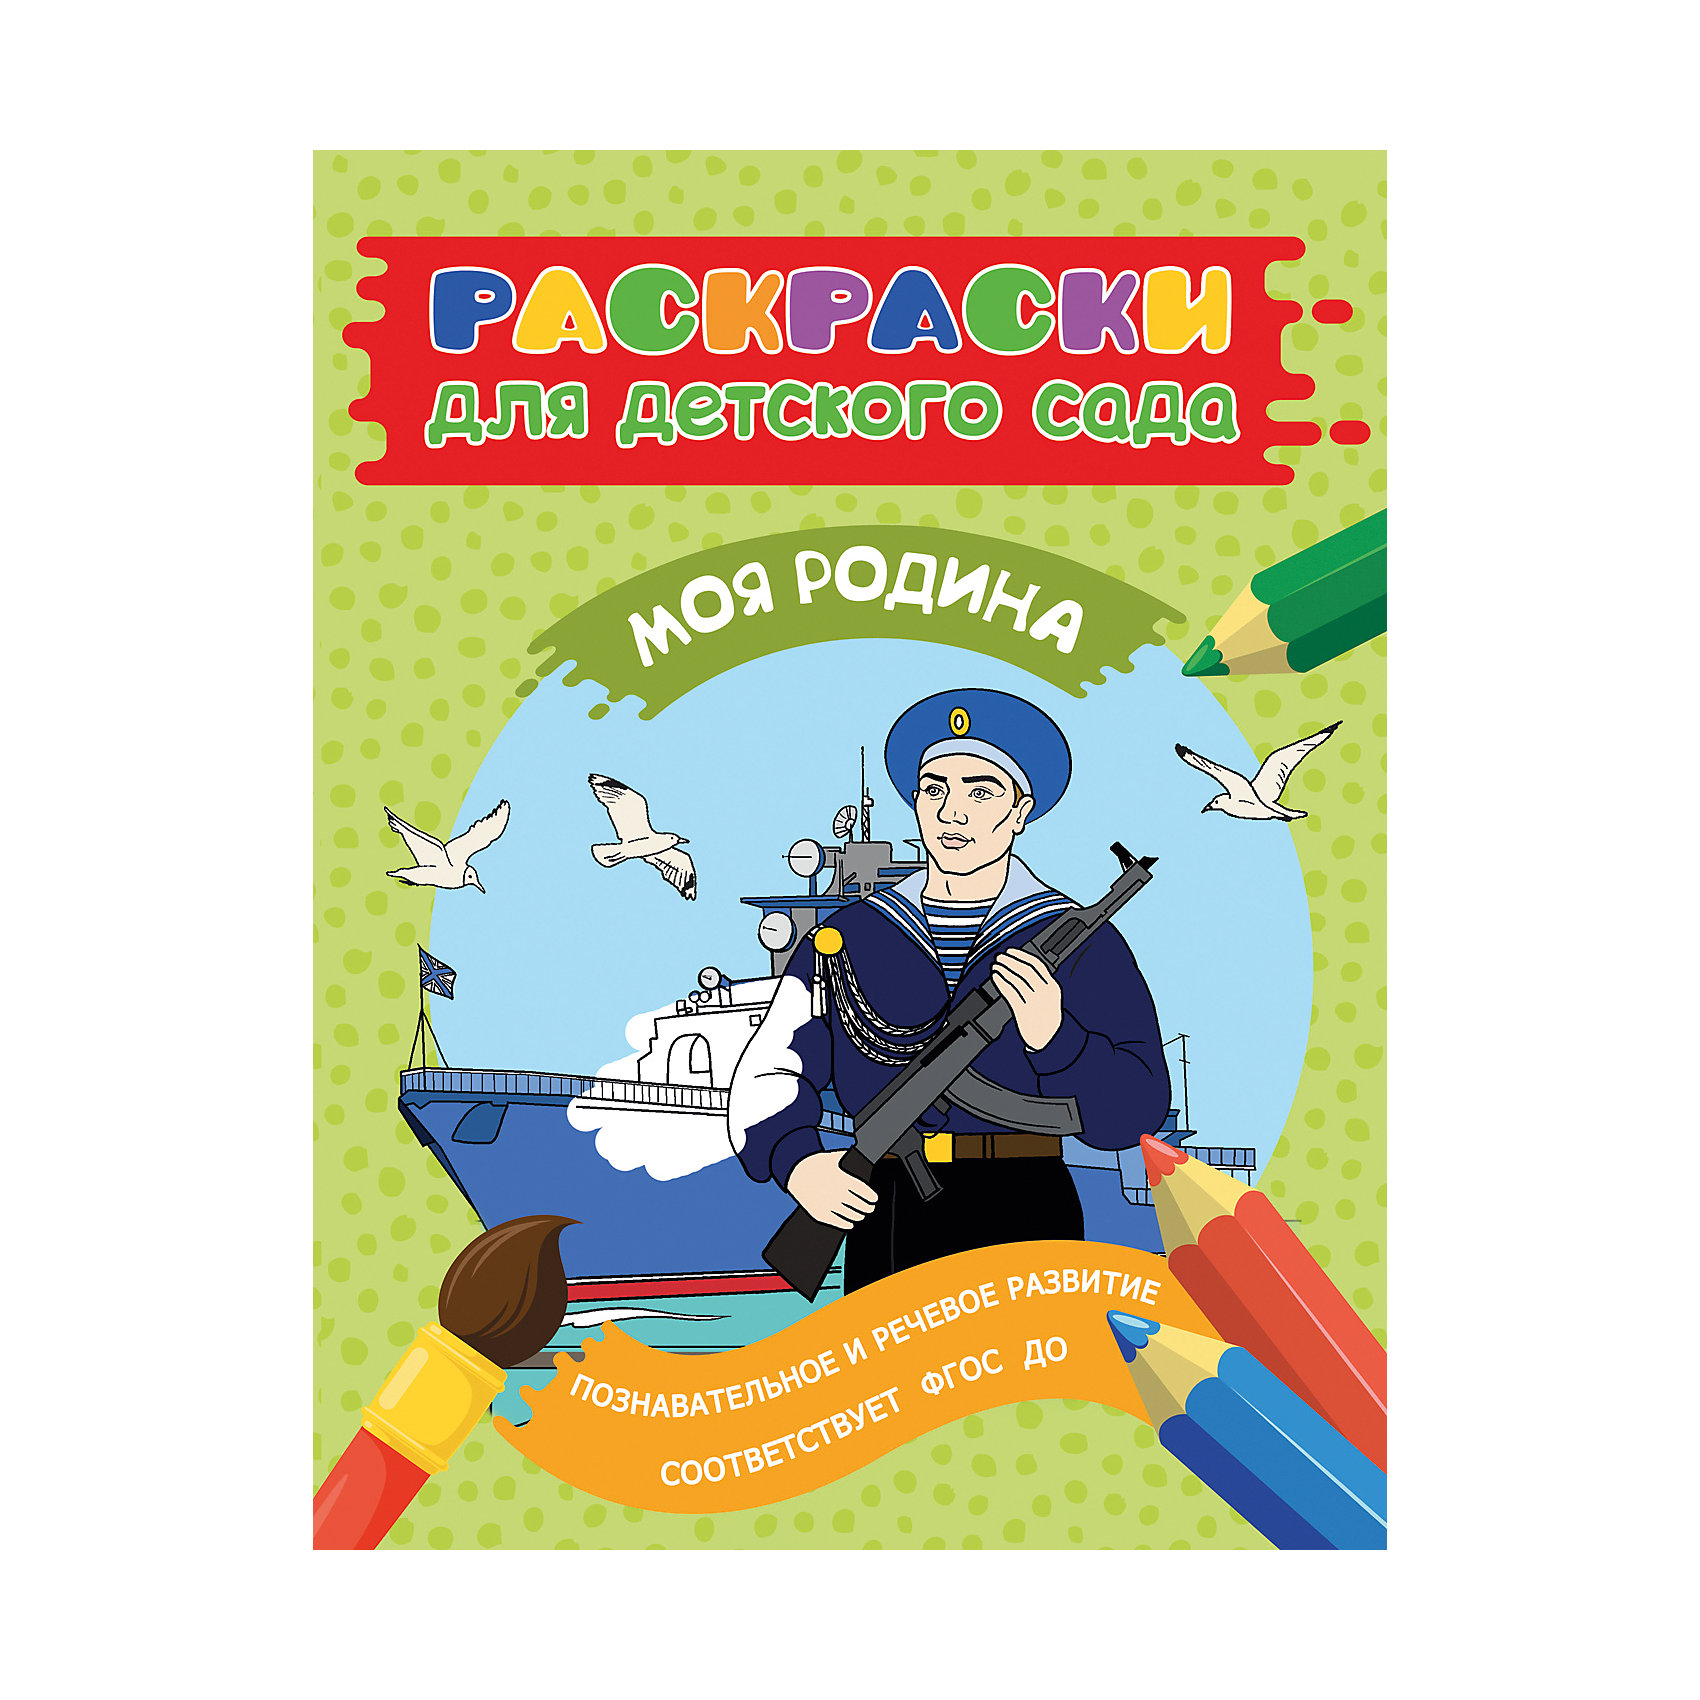 Раскраска Моя РодинаТематические раскраски для детского сада - это специальная серия, которую можно использовать как в группах детского сада, так и для самостоятельных занятий с ребенком дома.&#13;<br>Каждая развивающая тетрадь-раскраска посвящена одной их основных познавательных тем, изучаемых в детском саду.&#13;<br>На каждой странице предлагаются развивающие вопросы, которые мама или педагог могут задать ребенку, пока он занимается раскрашиванием.&#13;<br>Знакомство с изображениями и ответы на вопросы помогут развить ребенка в основных образовательных областях:&#13;<br>- Социально-коммуникативное развитие&#13;<br>- Познавательное развитие&#13;<br>- Речевое развитие&#13;<br>- Художественно-эстетическое развитие<br><br>Ширина мм: 274<br>Глубина мм: 212<br>Высота мм: 30<br>Вес г: 130<br>Возраст от месяцев: -2147483648<br>Возраст до месяцев: 2147483647<br>Пол: Унисекс<br>Возраст: Детский<br>SKU: 5453638